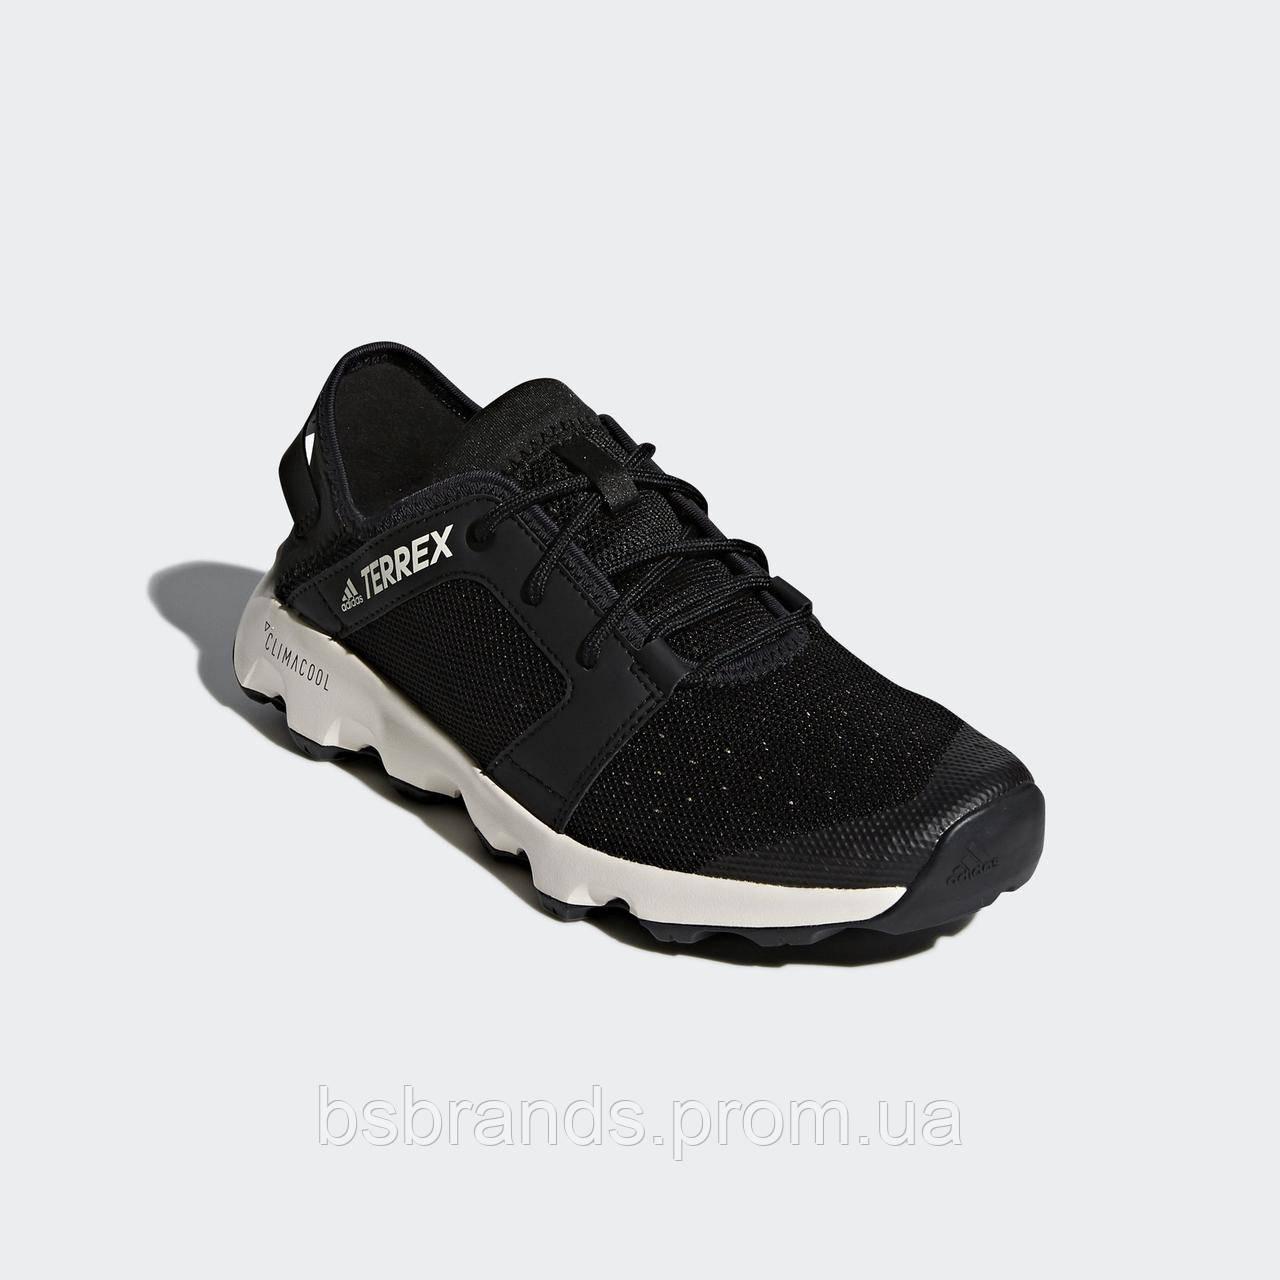 Жіночі кросівки adidas Terrex Climacool Sleek Voyager CM7542